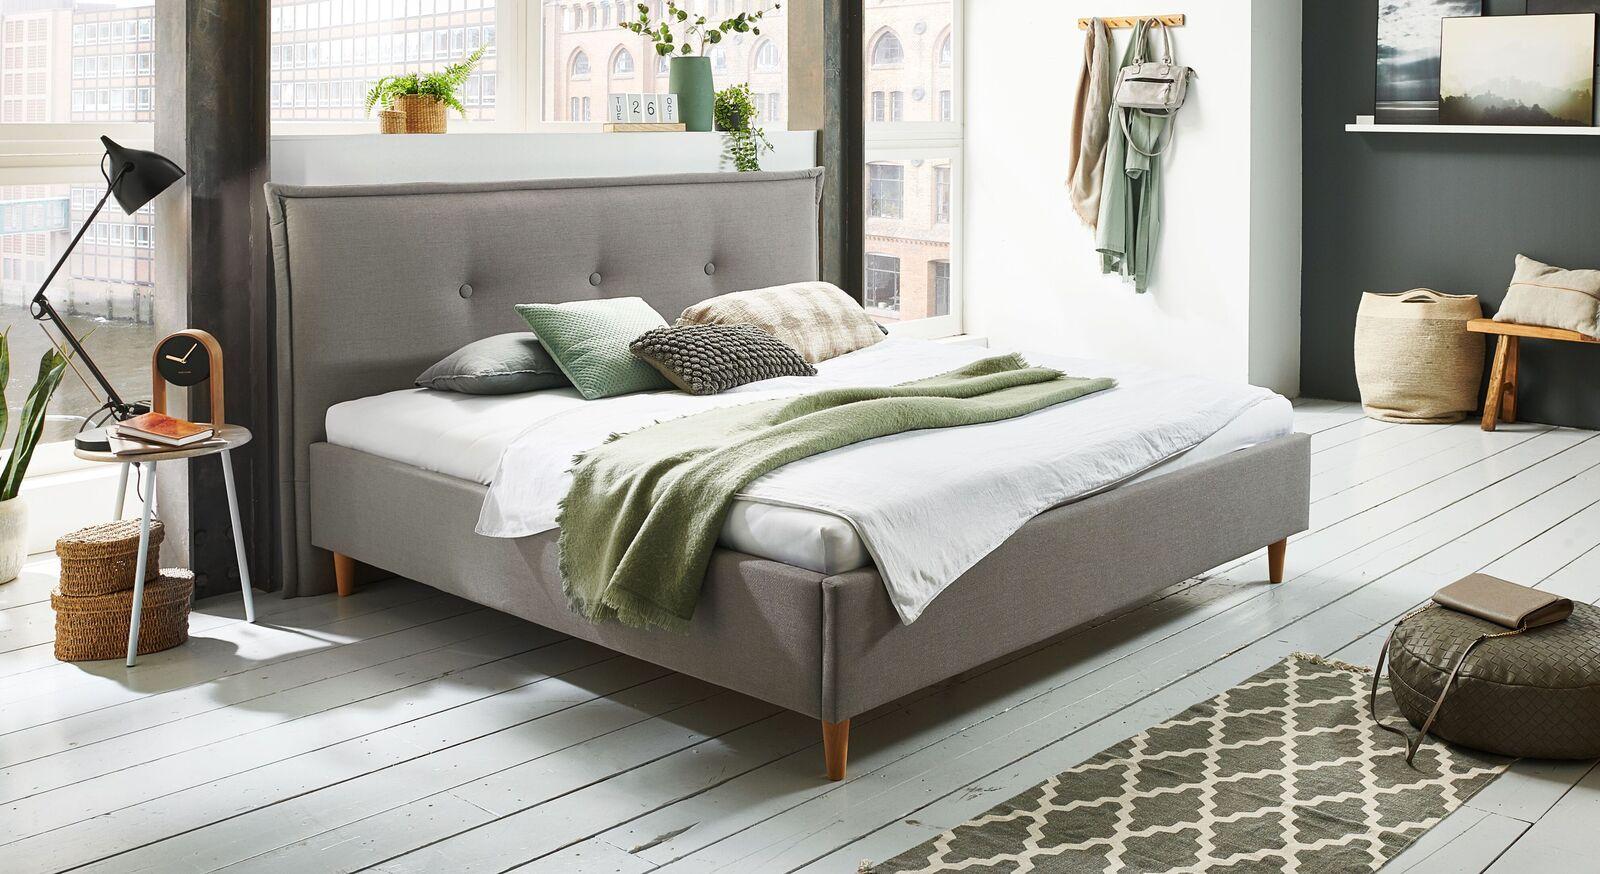 Bett Indore mit hochwertigem Webstoff in Grau